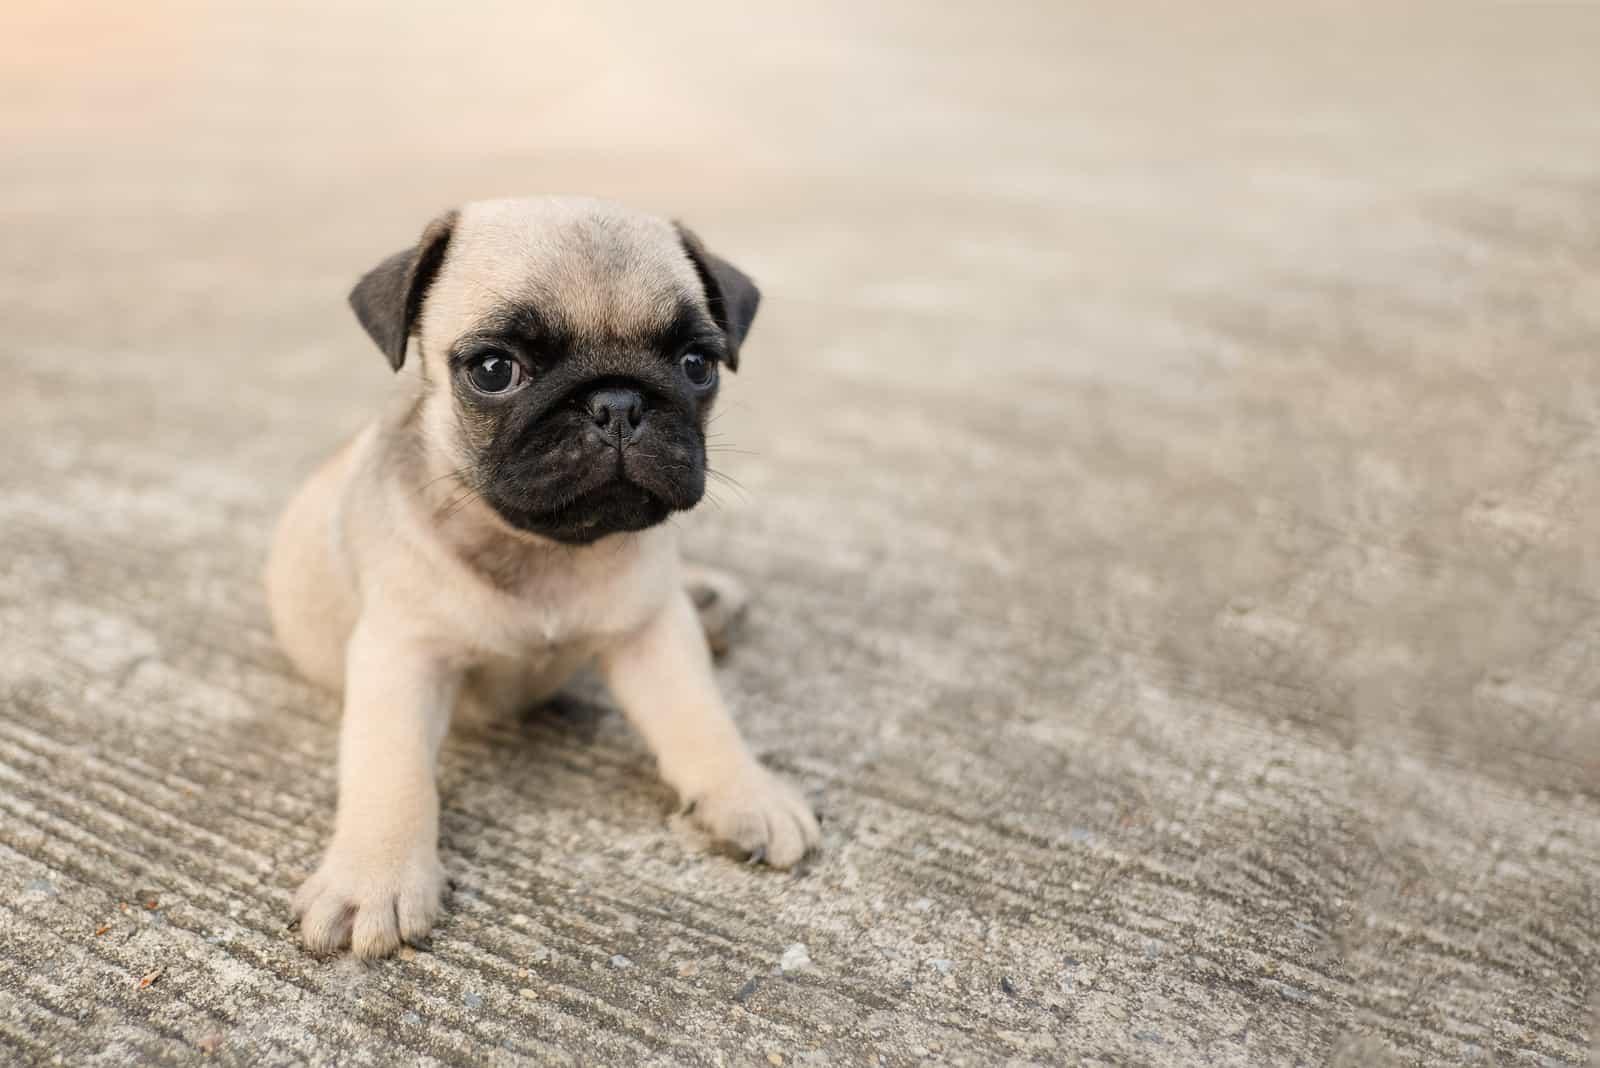 süßer kleiner Hundewelpe